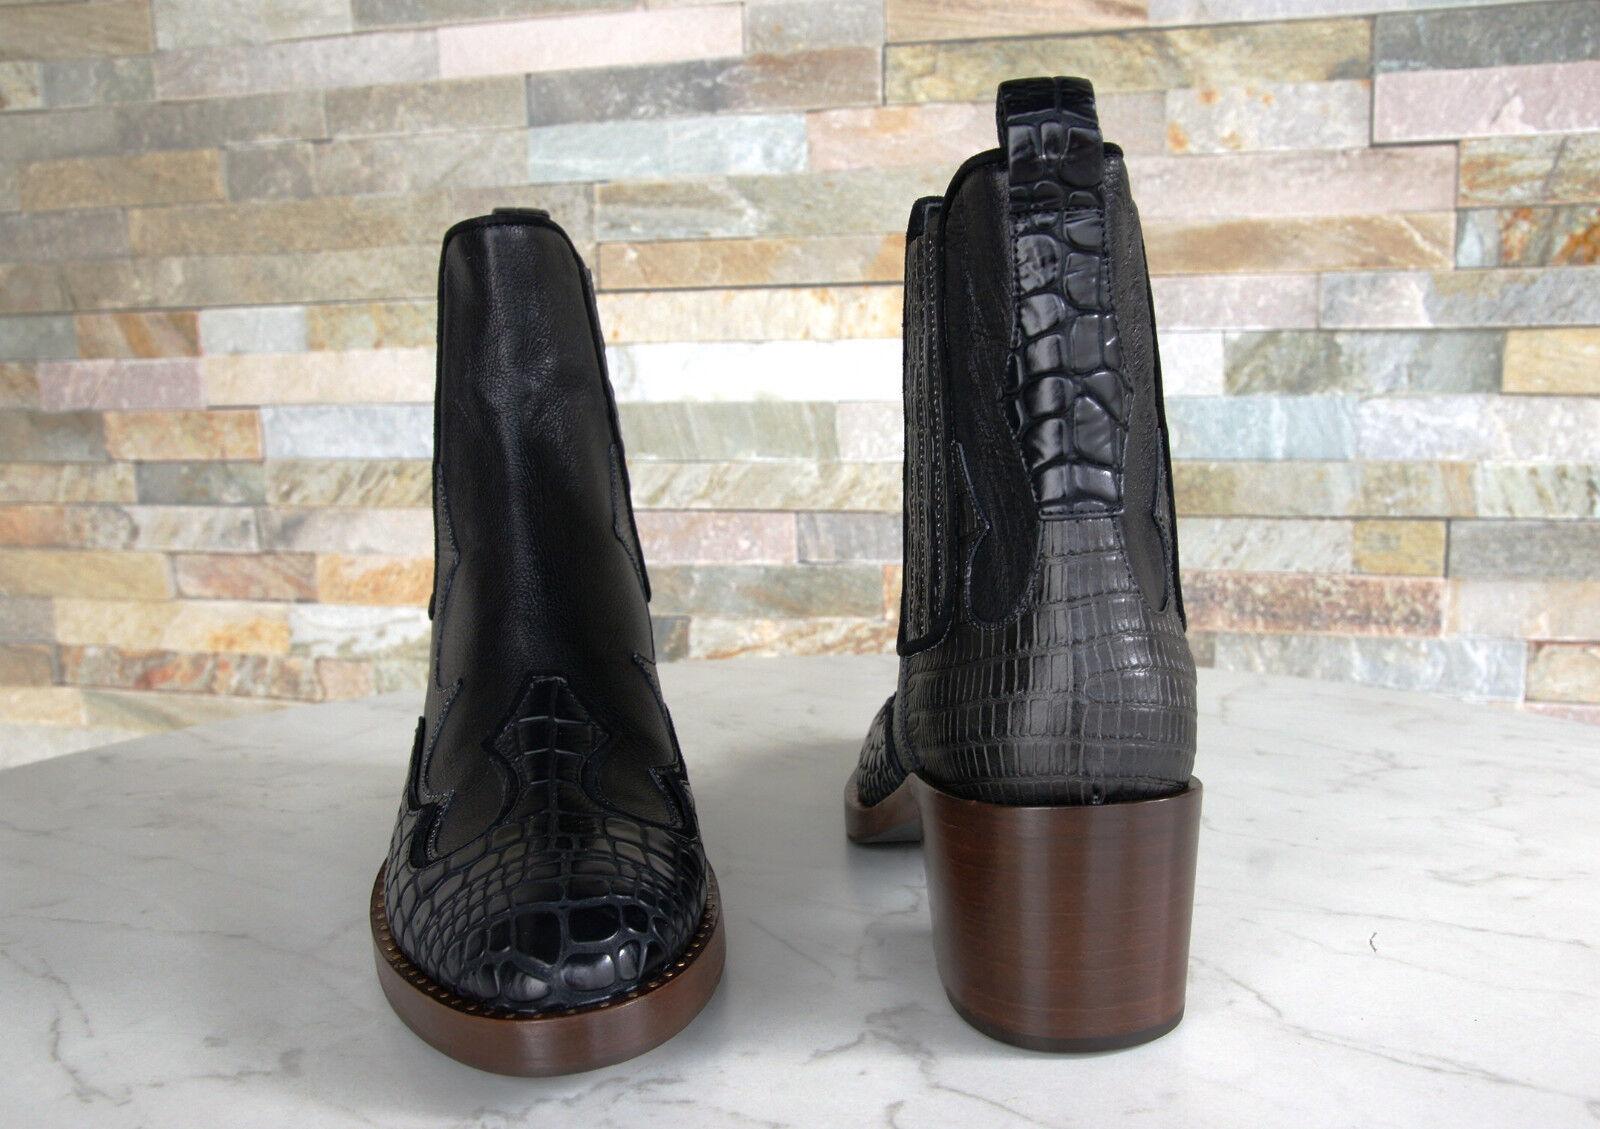 Car schuhe Stiefeletten Gr 38 Schuhe Schuhe Schuhe Cowboy Kroko KDT81M schwarz NEU ehem   cb21a1